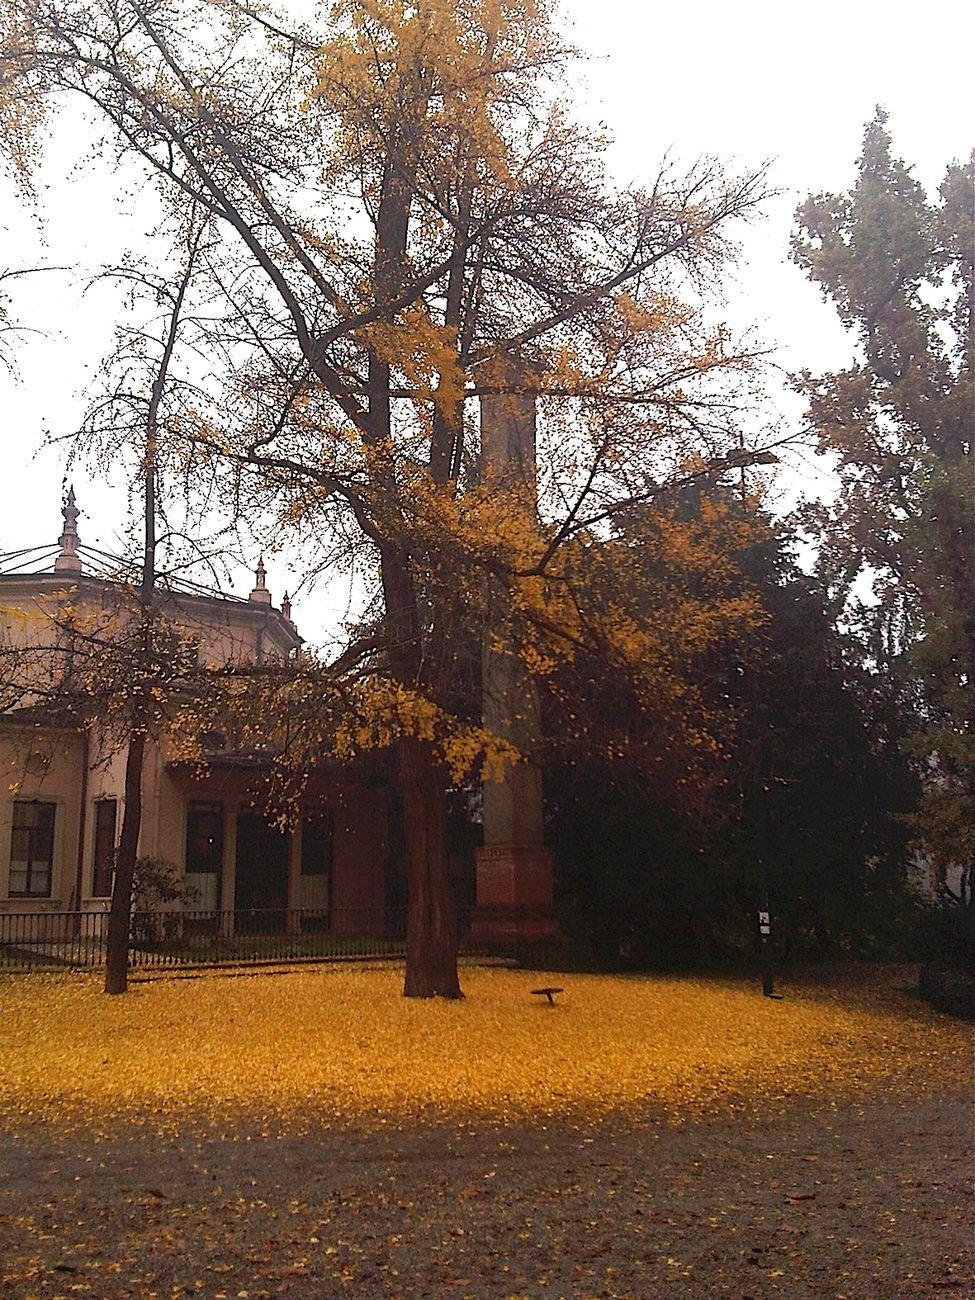 Giardini pubblici a Milano. Foliage del Ginko Biloba. Photo Claudia Zanfi